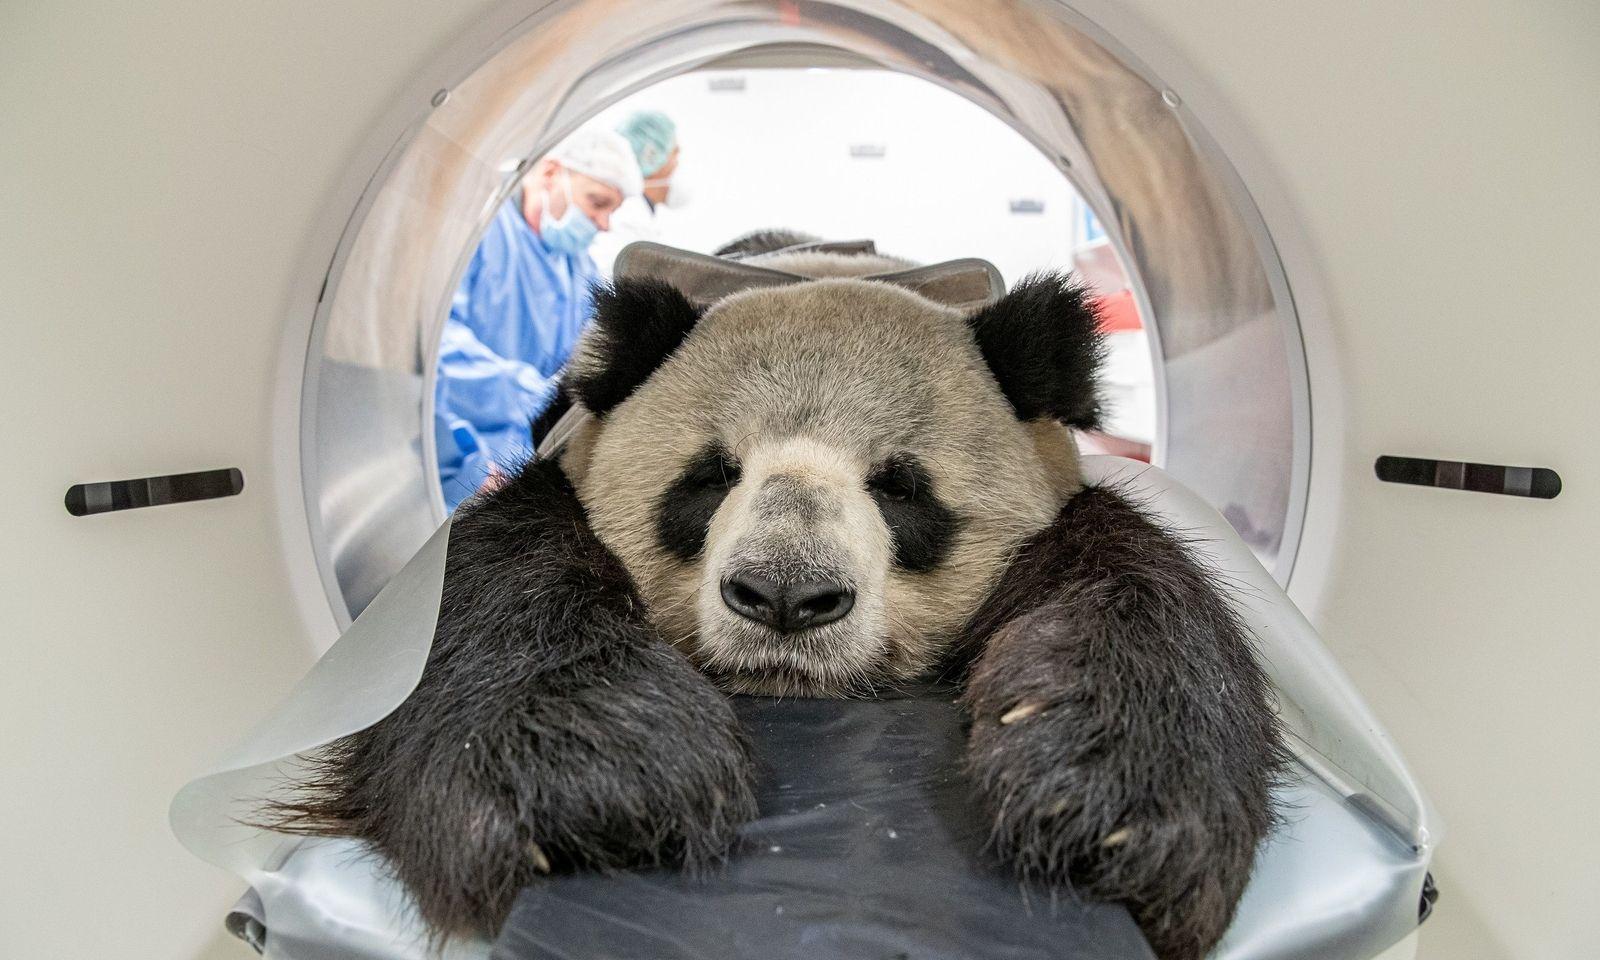 Ab in die Röhre: Der Panda Jiao Qing aus dem Zoo Berlin wird im Leibniz-Institut für Zoo- und Wildtierforschung (IZW) im Computertomographen untersucht. Hierbei solle unter anderem der Zustand der beiden unterschiedlich großen Nieren genauer begutachtet werden.